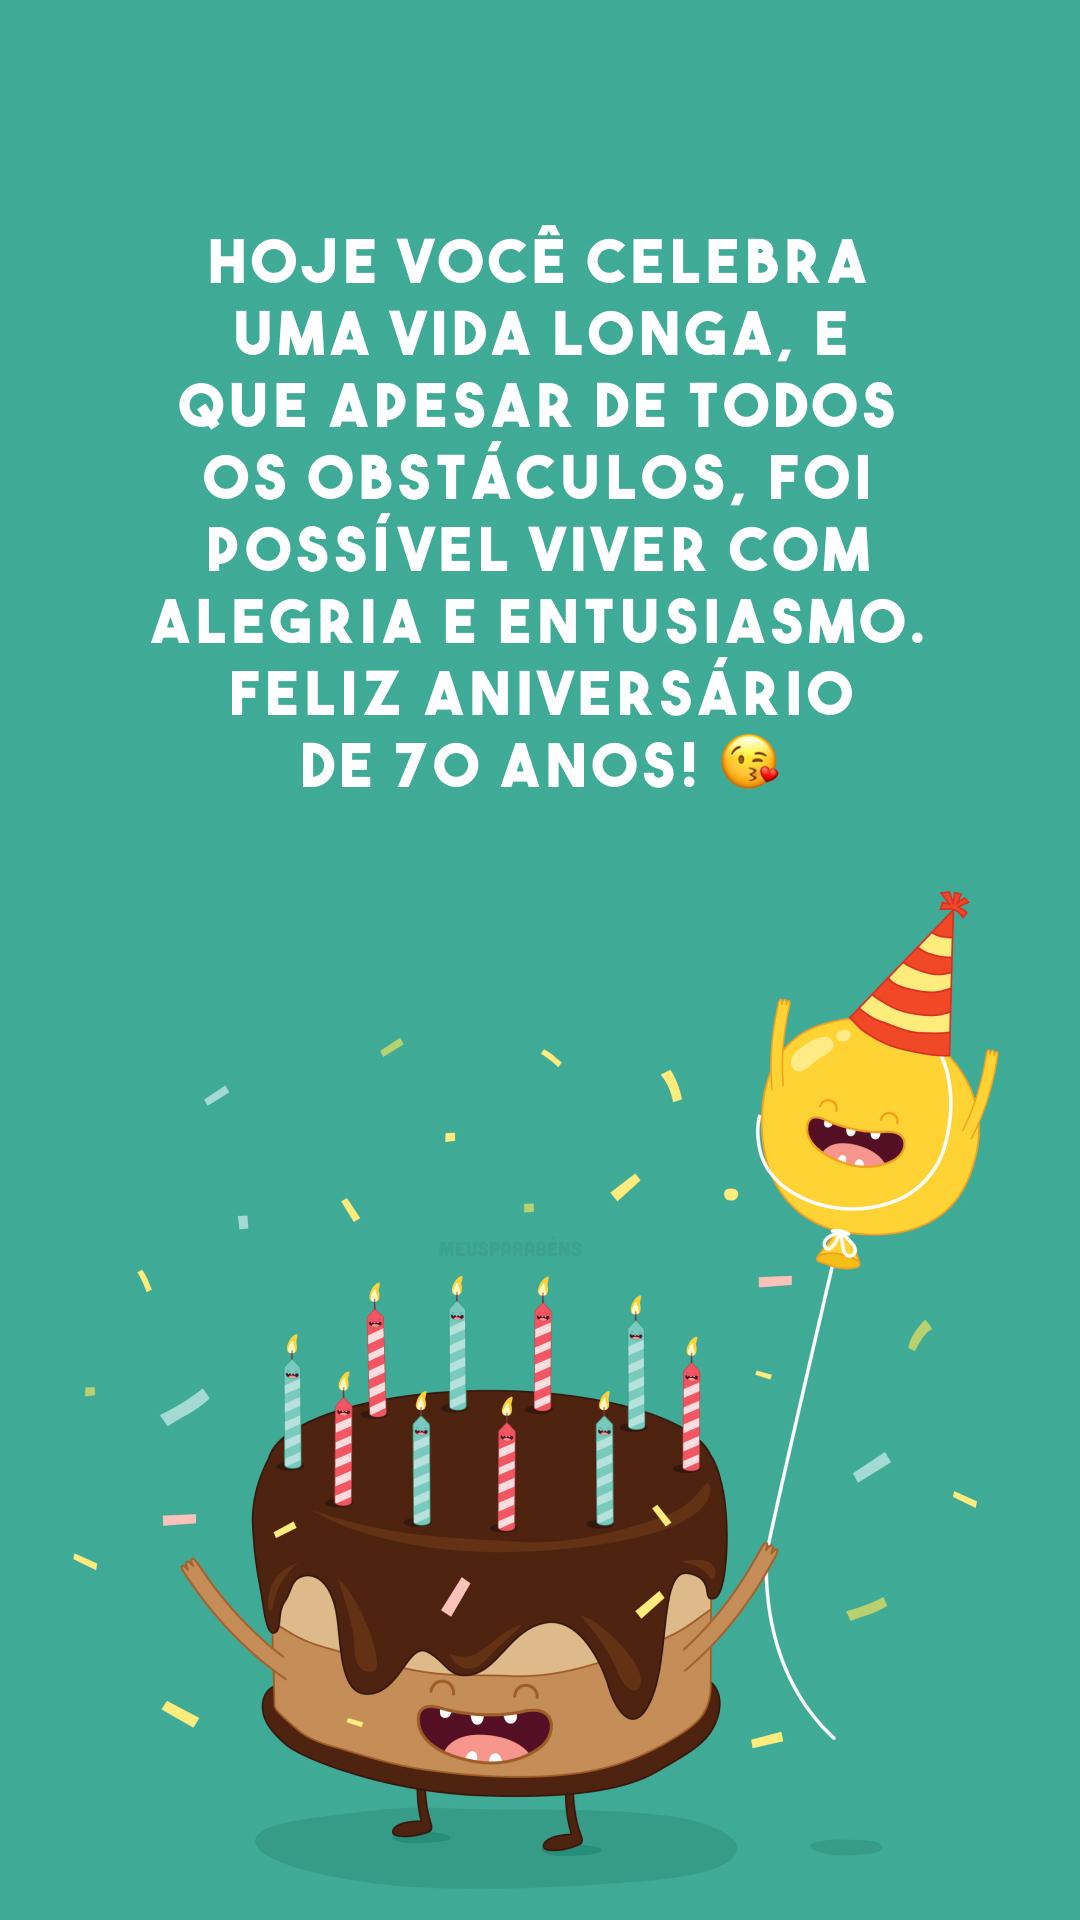 Hoje você celebra uma vida longa, e que apesar de todos os obstáculos, foi possível viver com alegria e entusiasmo. Feliz aniversário de 70 anos! 😘